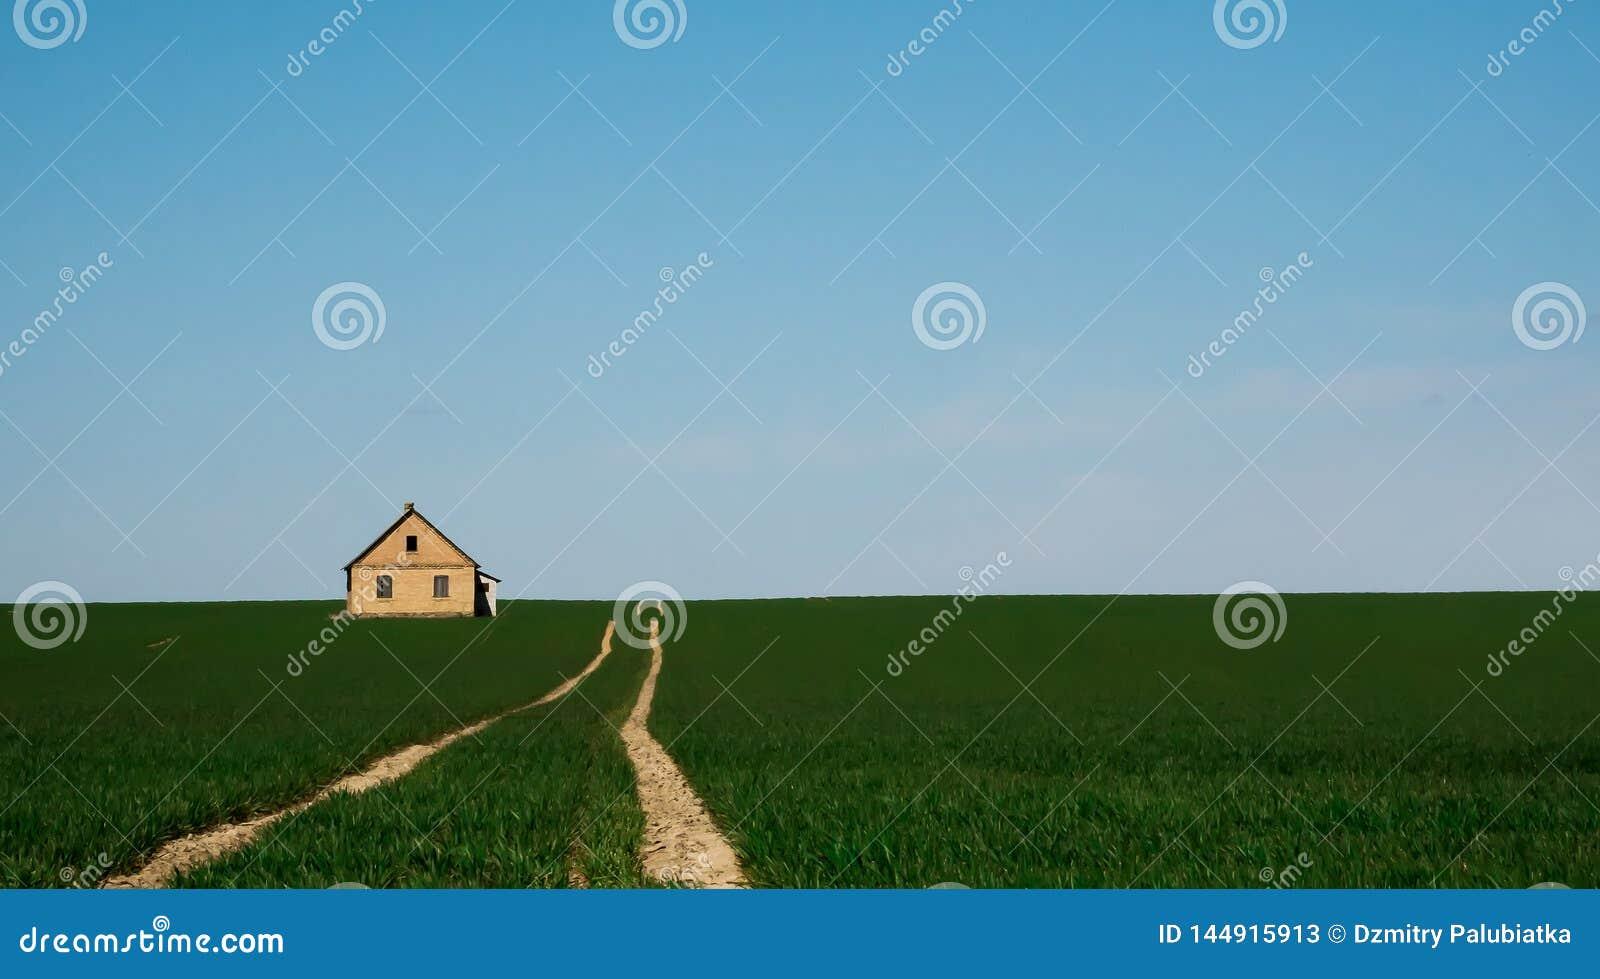 Väg i mitt av ett grönt fält